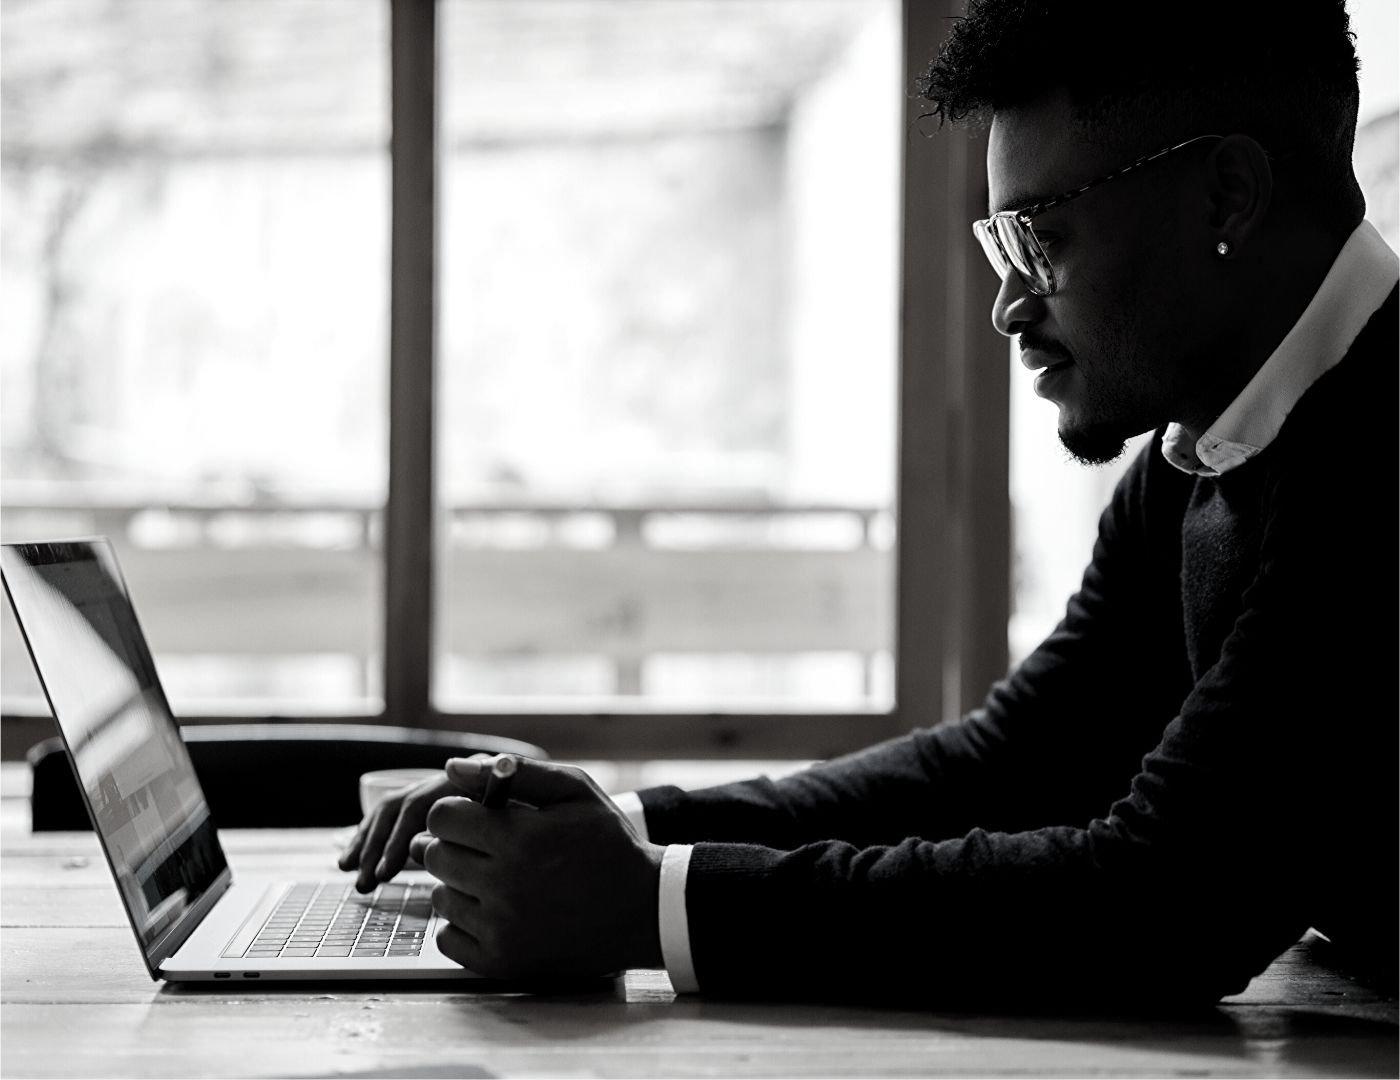 Man On Laptop On Table Near Window